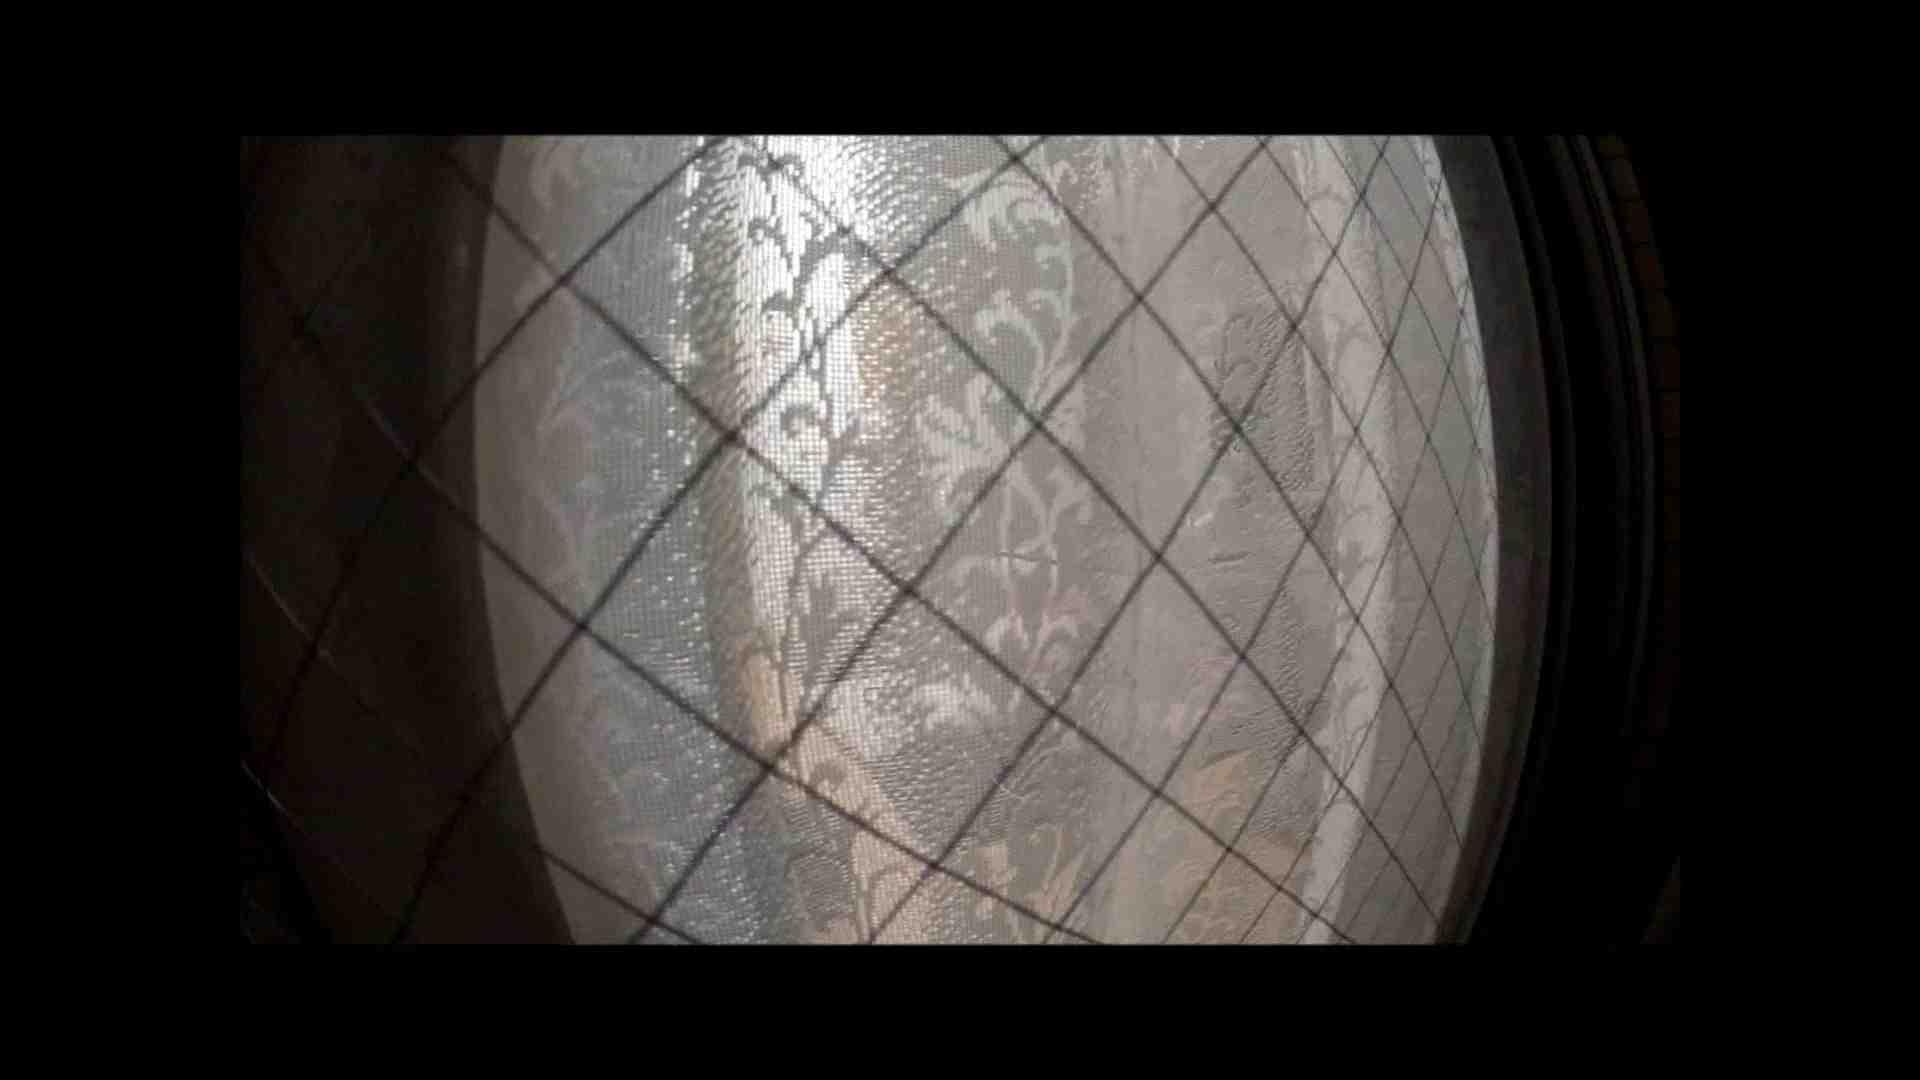 【04】別の日・・・魚眼レンズで広角に撮れました。 Hな熟女 えろ無修正画像 111pic 3